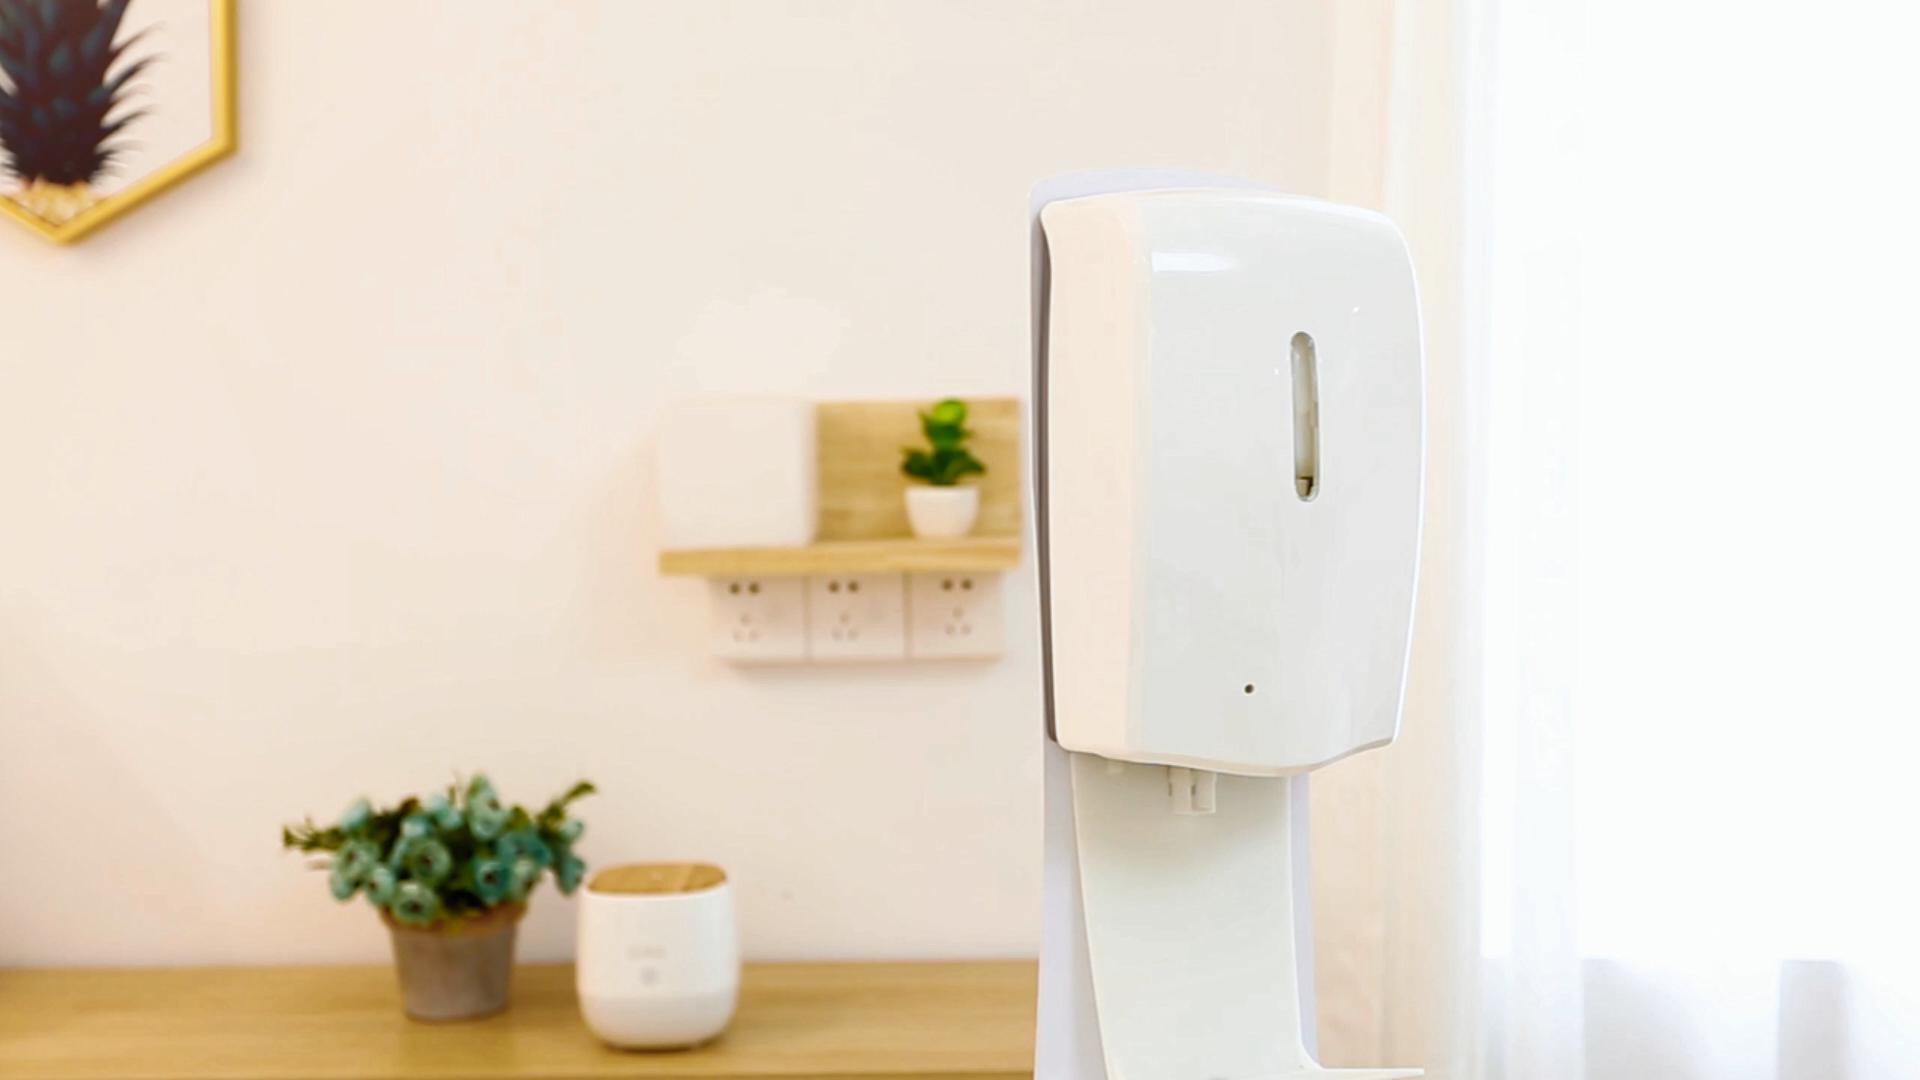 SCENTA personalizada inteligente gratuito jabón en espuma máquina dispensador de pared montado en Gel desinfectante para manos de con Sensor